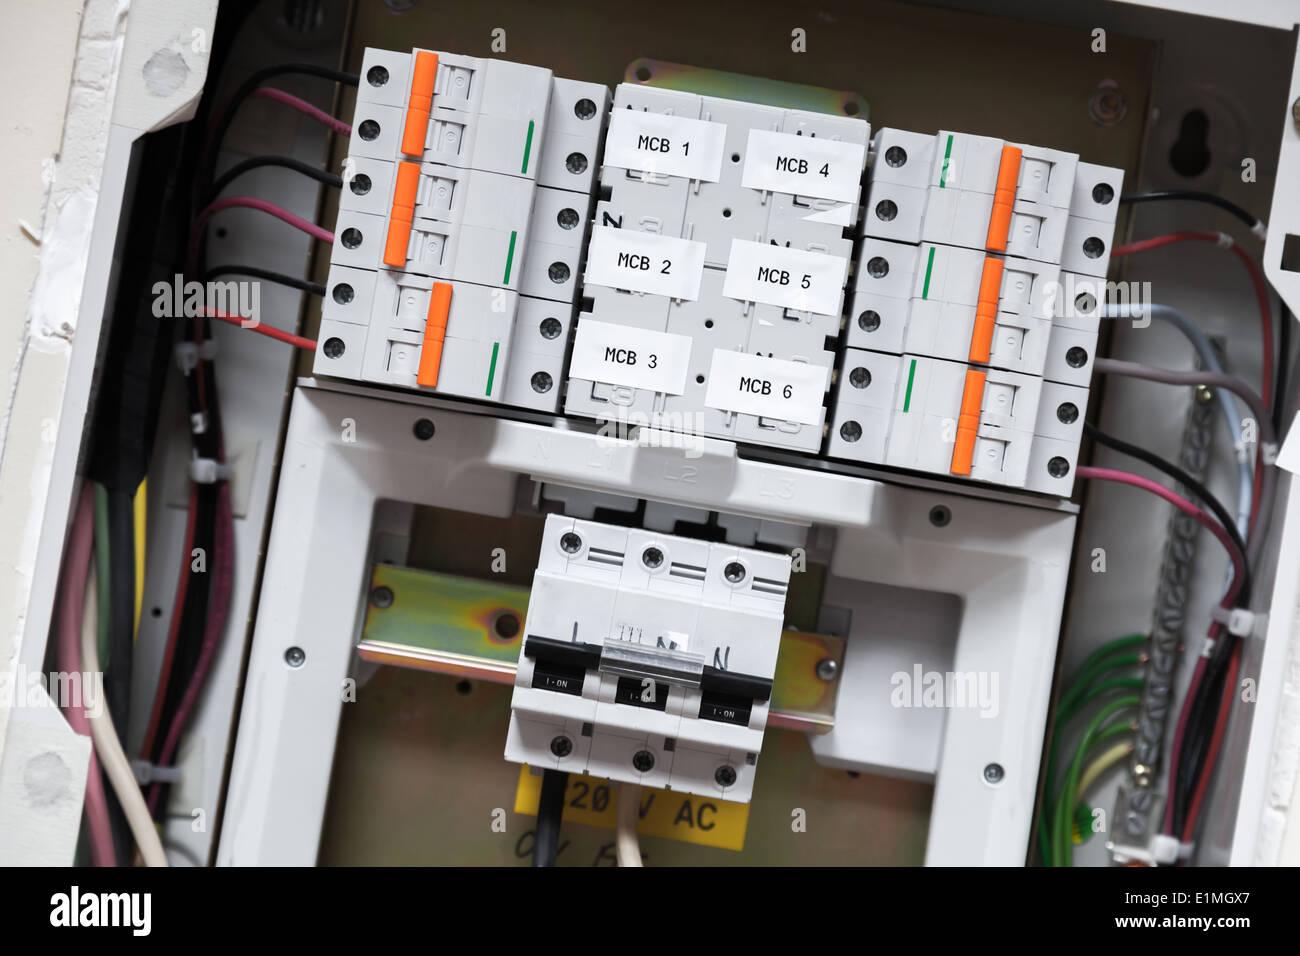 Fantastisch Elektrische Schalttafel Zeitgenössisch - Der Schaltplan ...